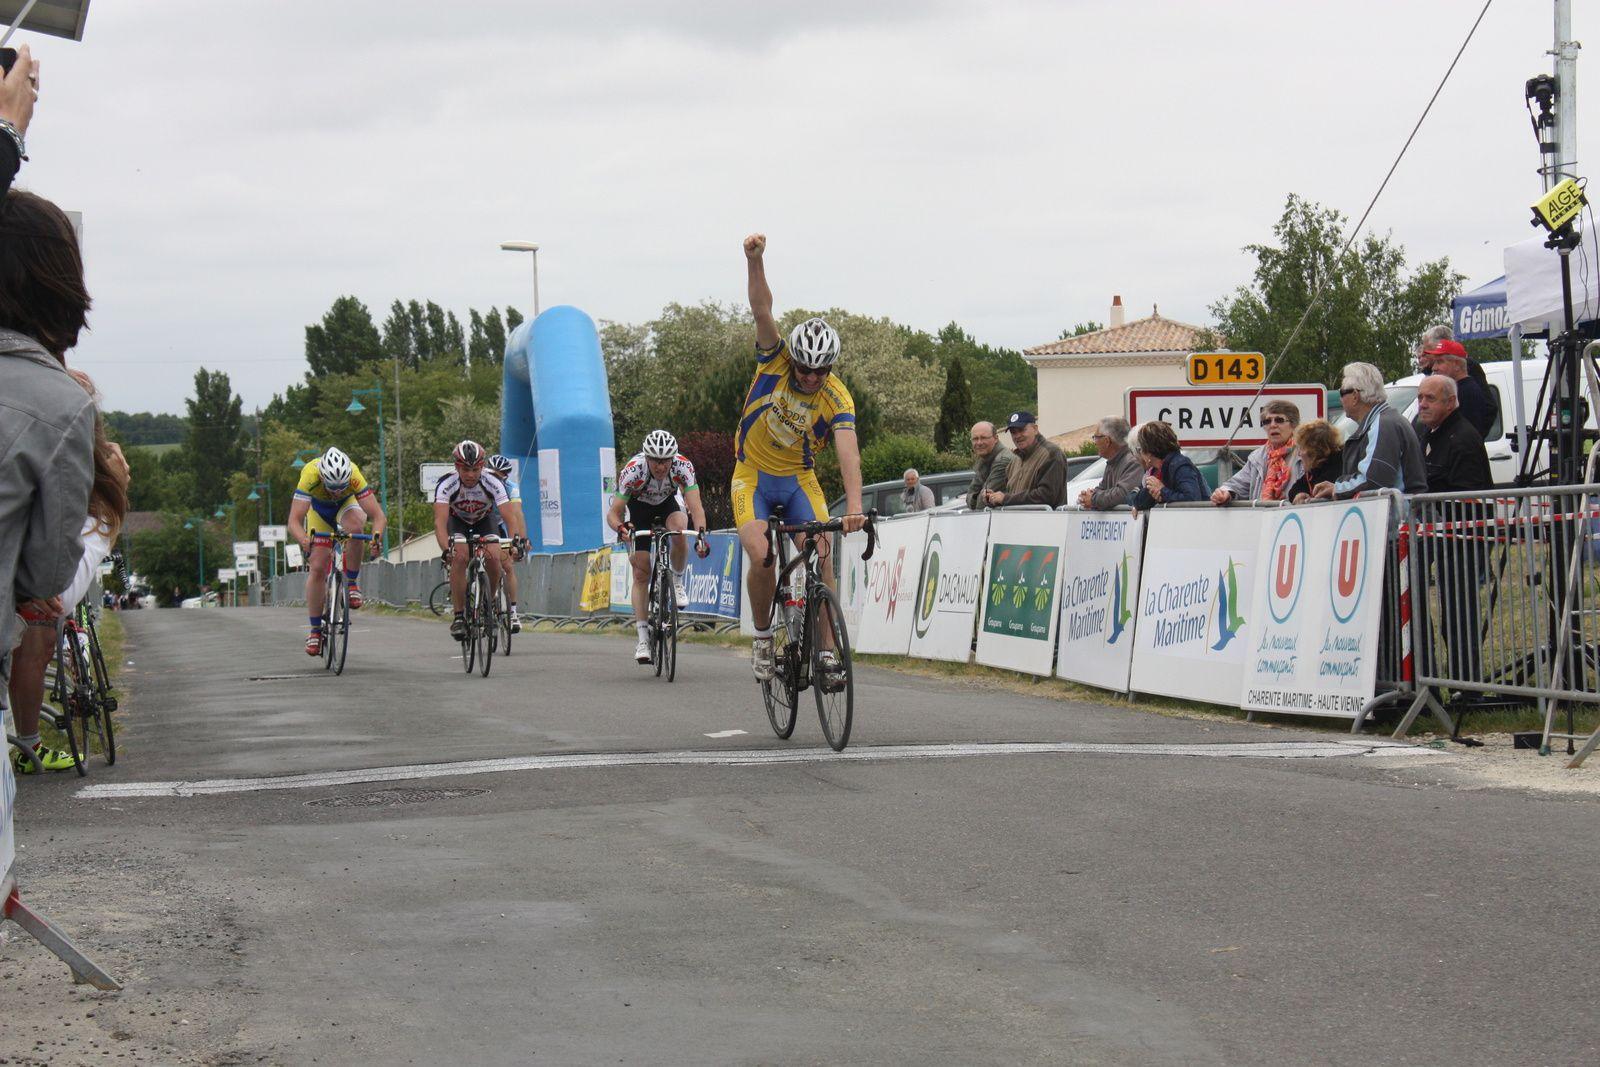 l'arrivée  au  sprint  pour  le  groupe  de  tête  avec  la  victoire  pour  Michaél  DESNOYER(NL)